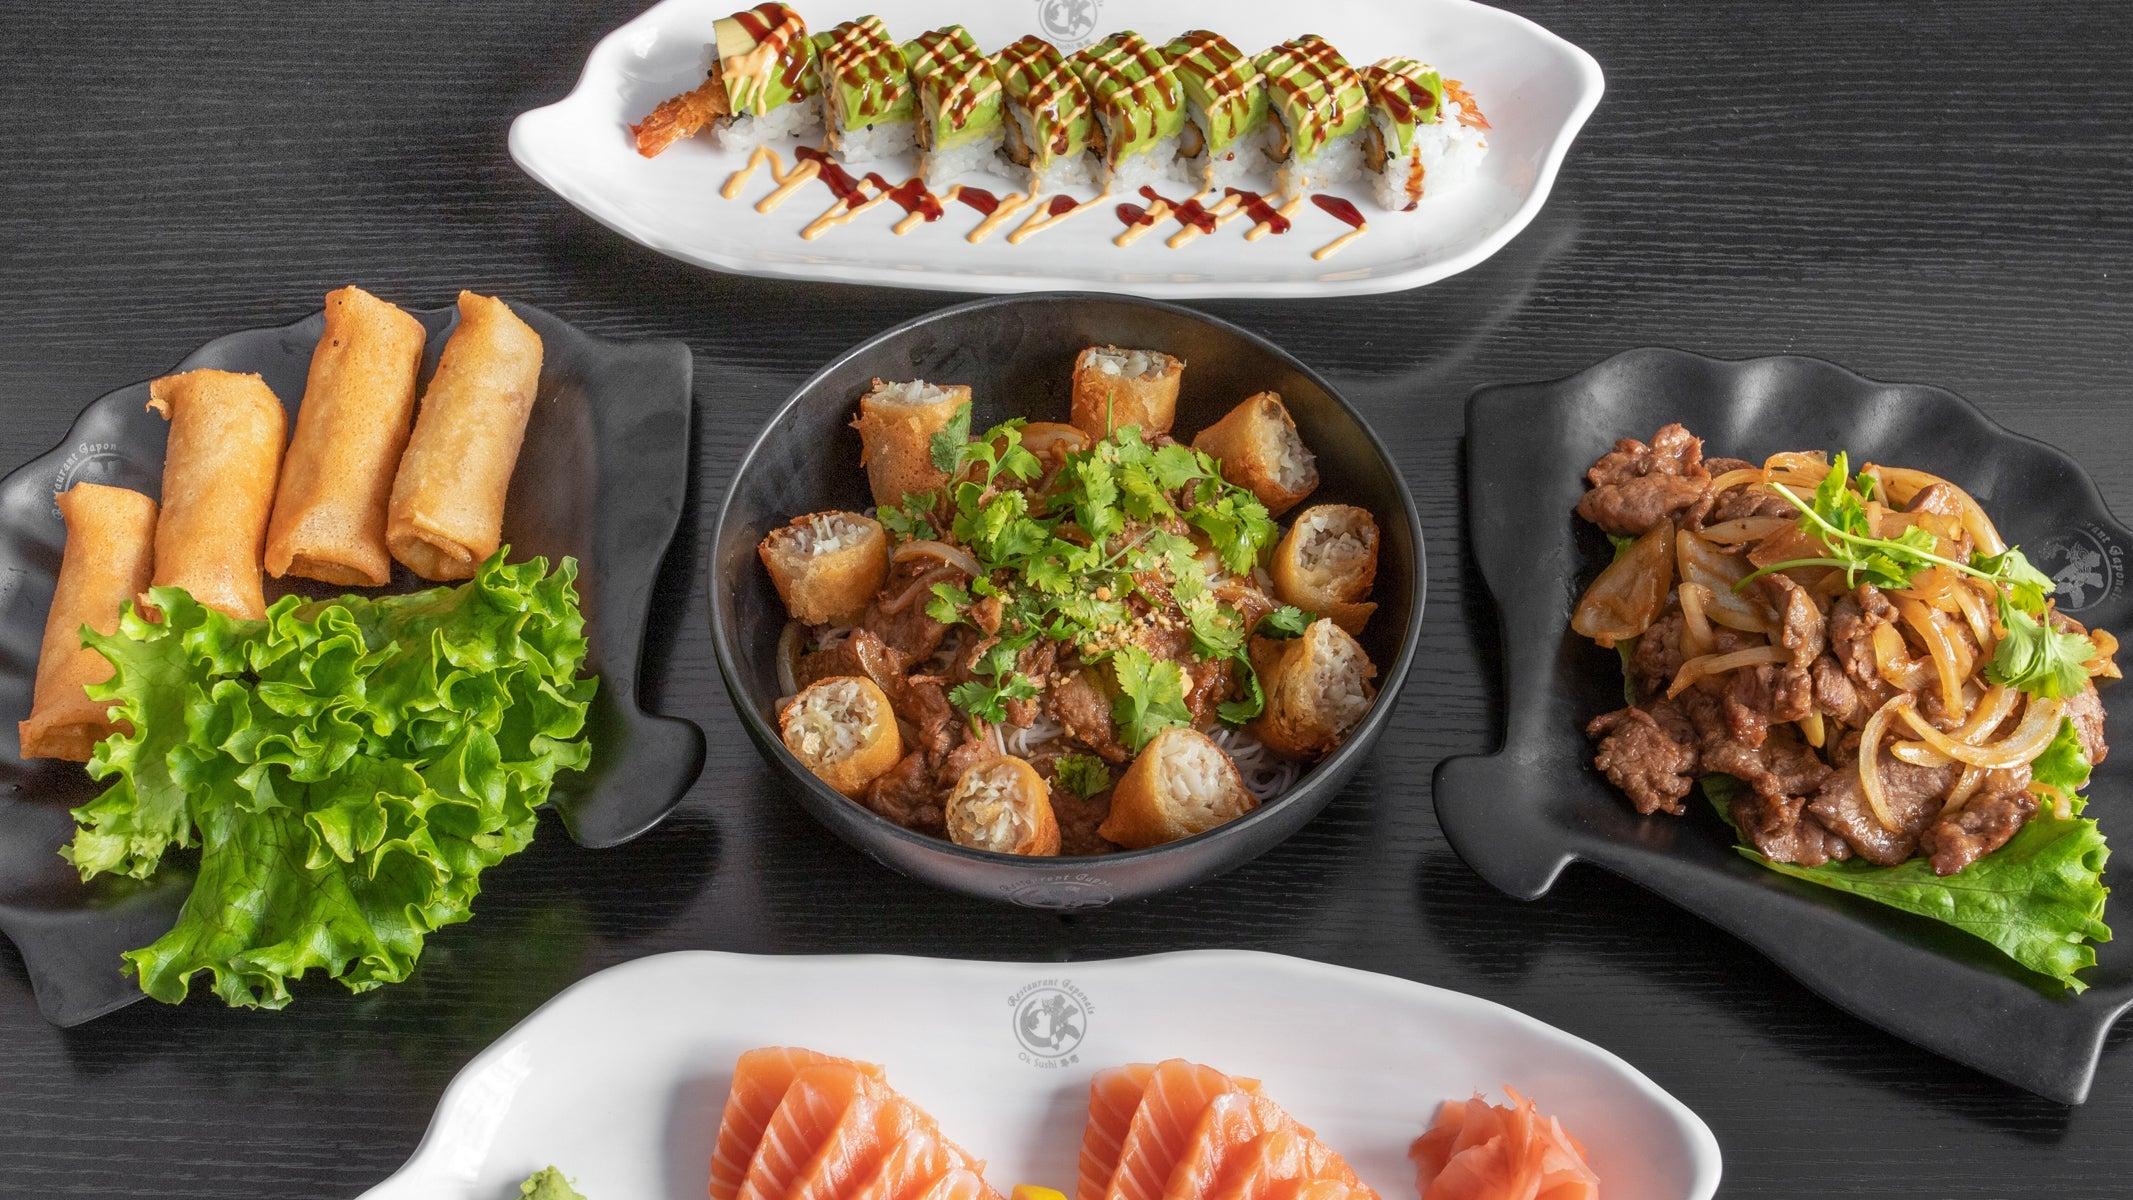 livraison ok sushi lyon a part dieu